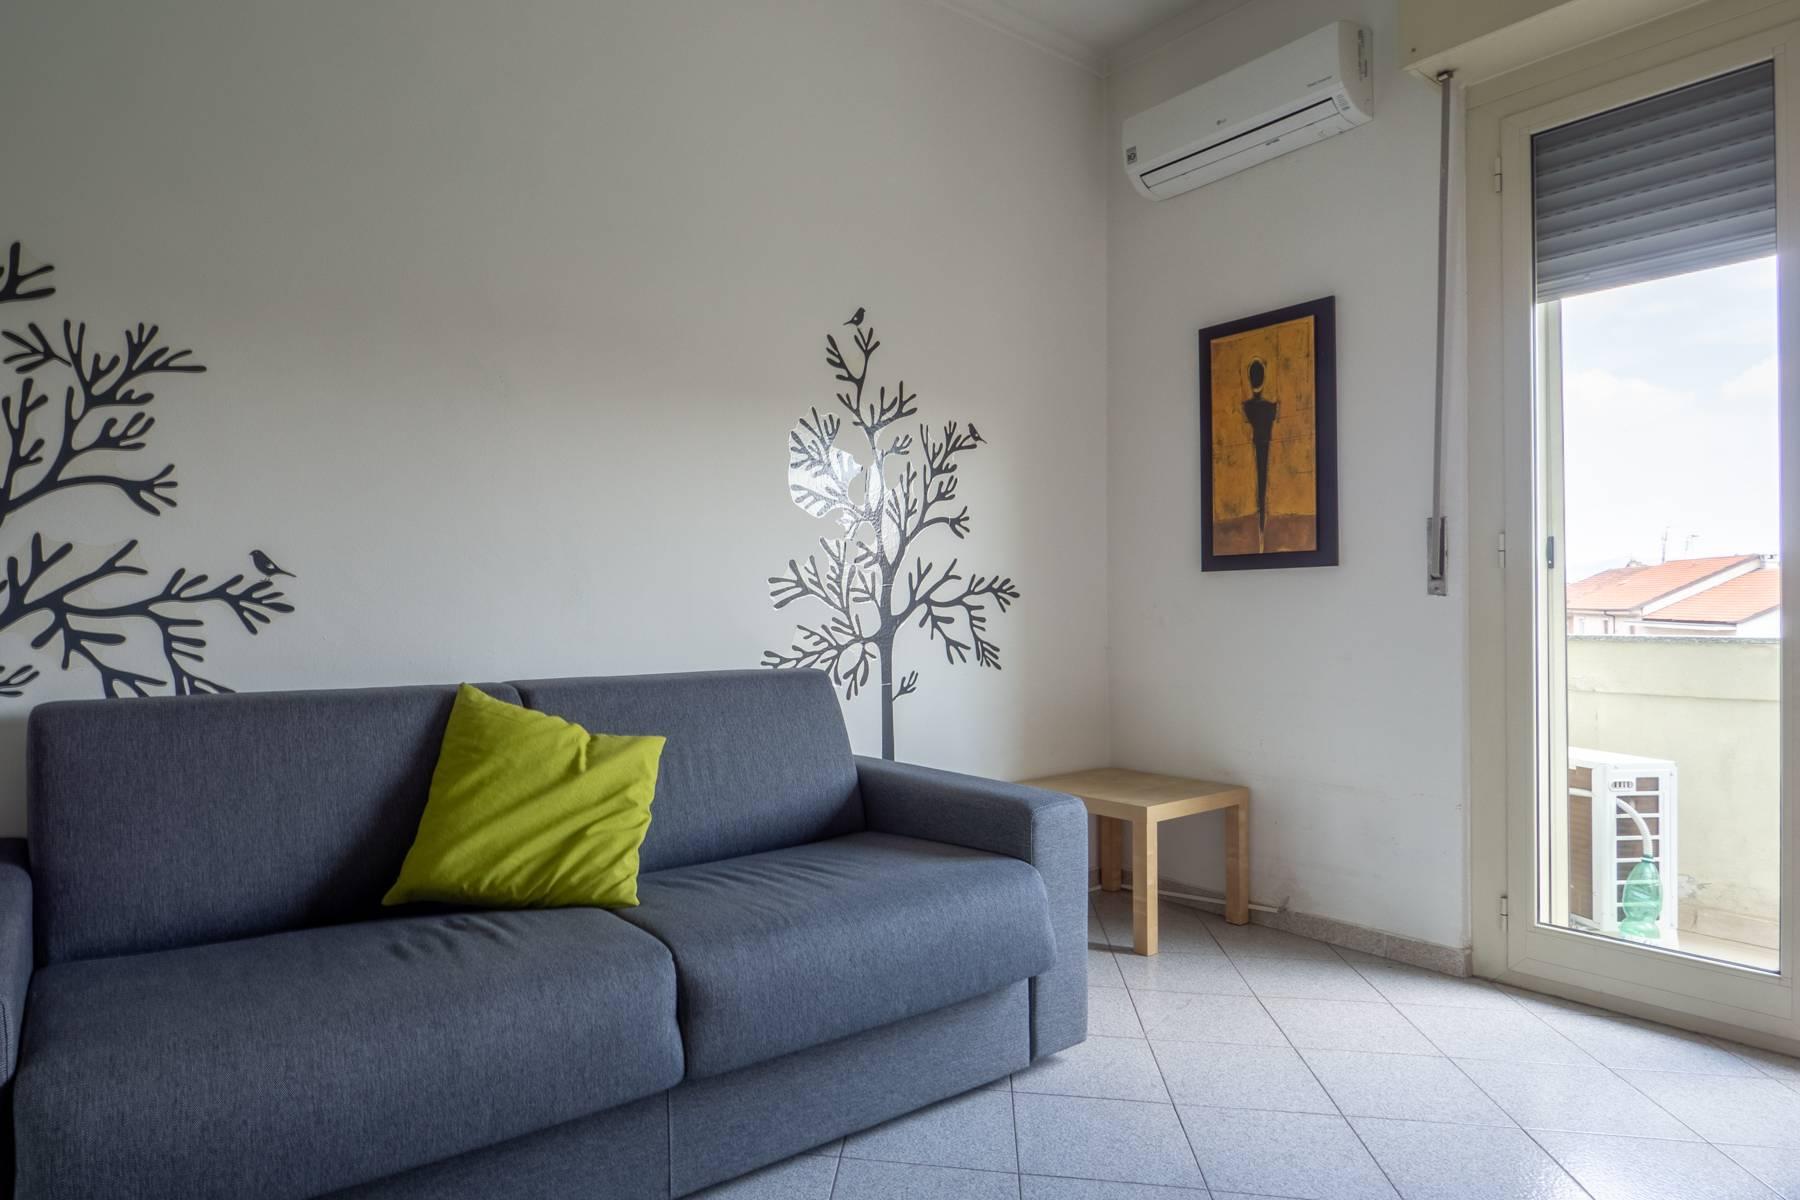 Appartamento in Vendita a Torino: 3 locali, 75 mq - Foto 3